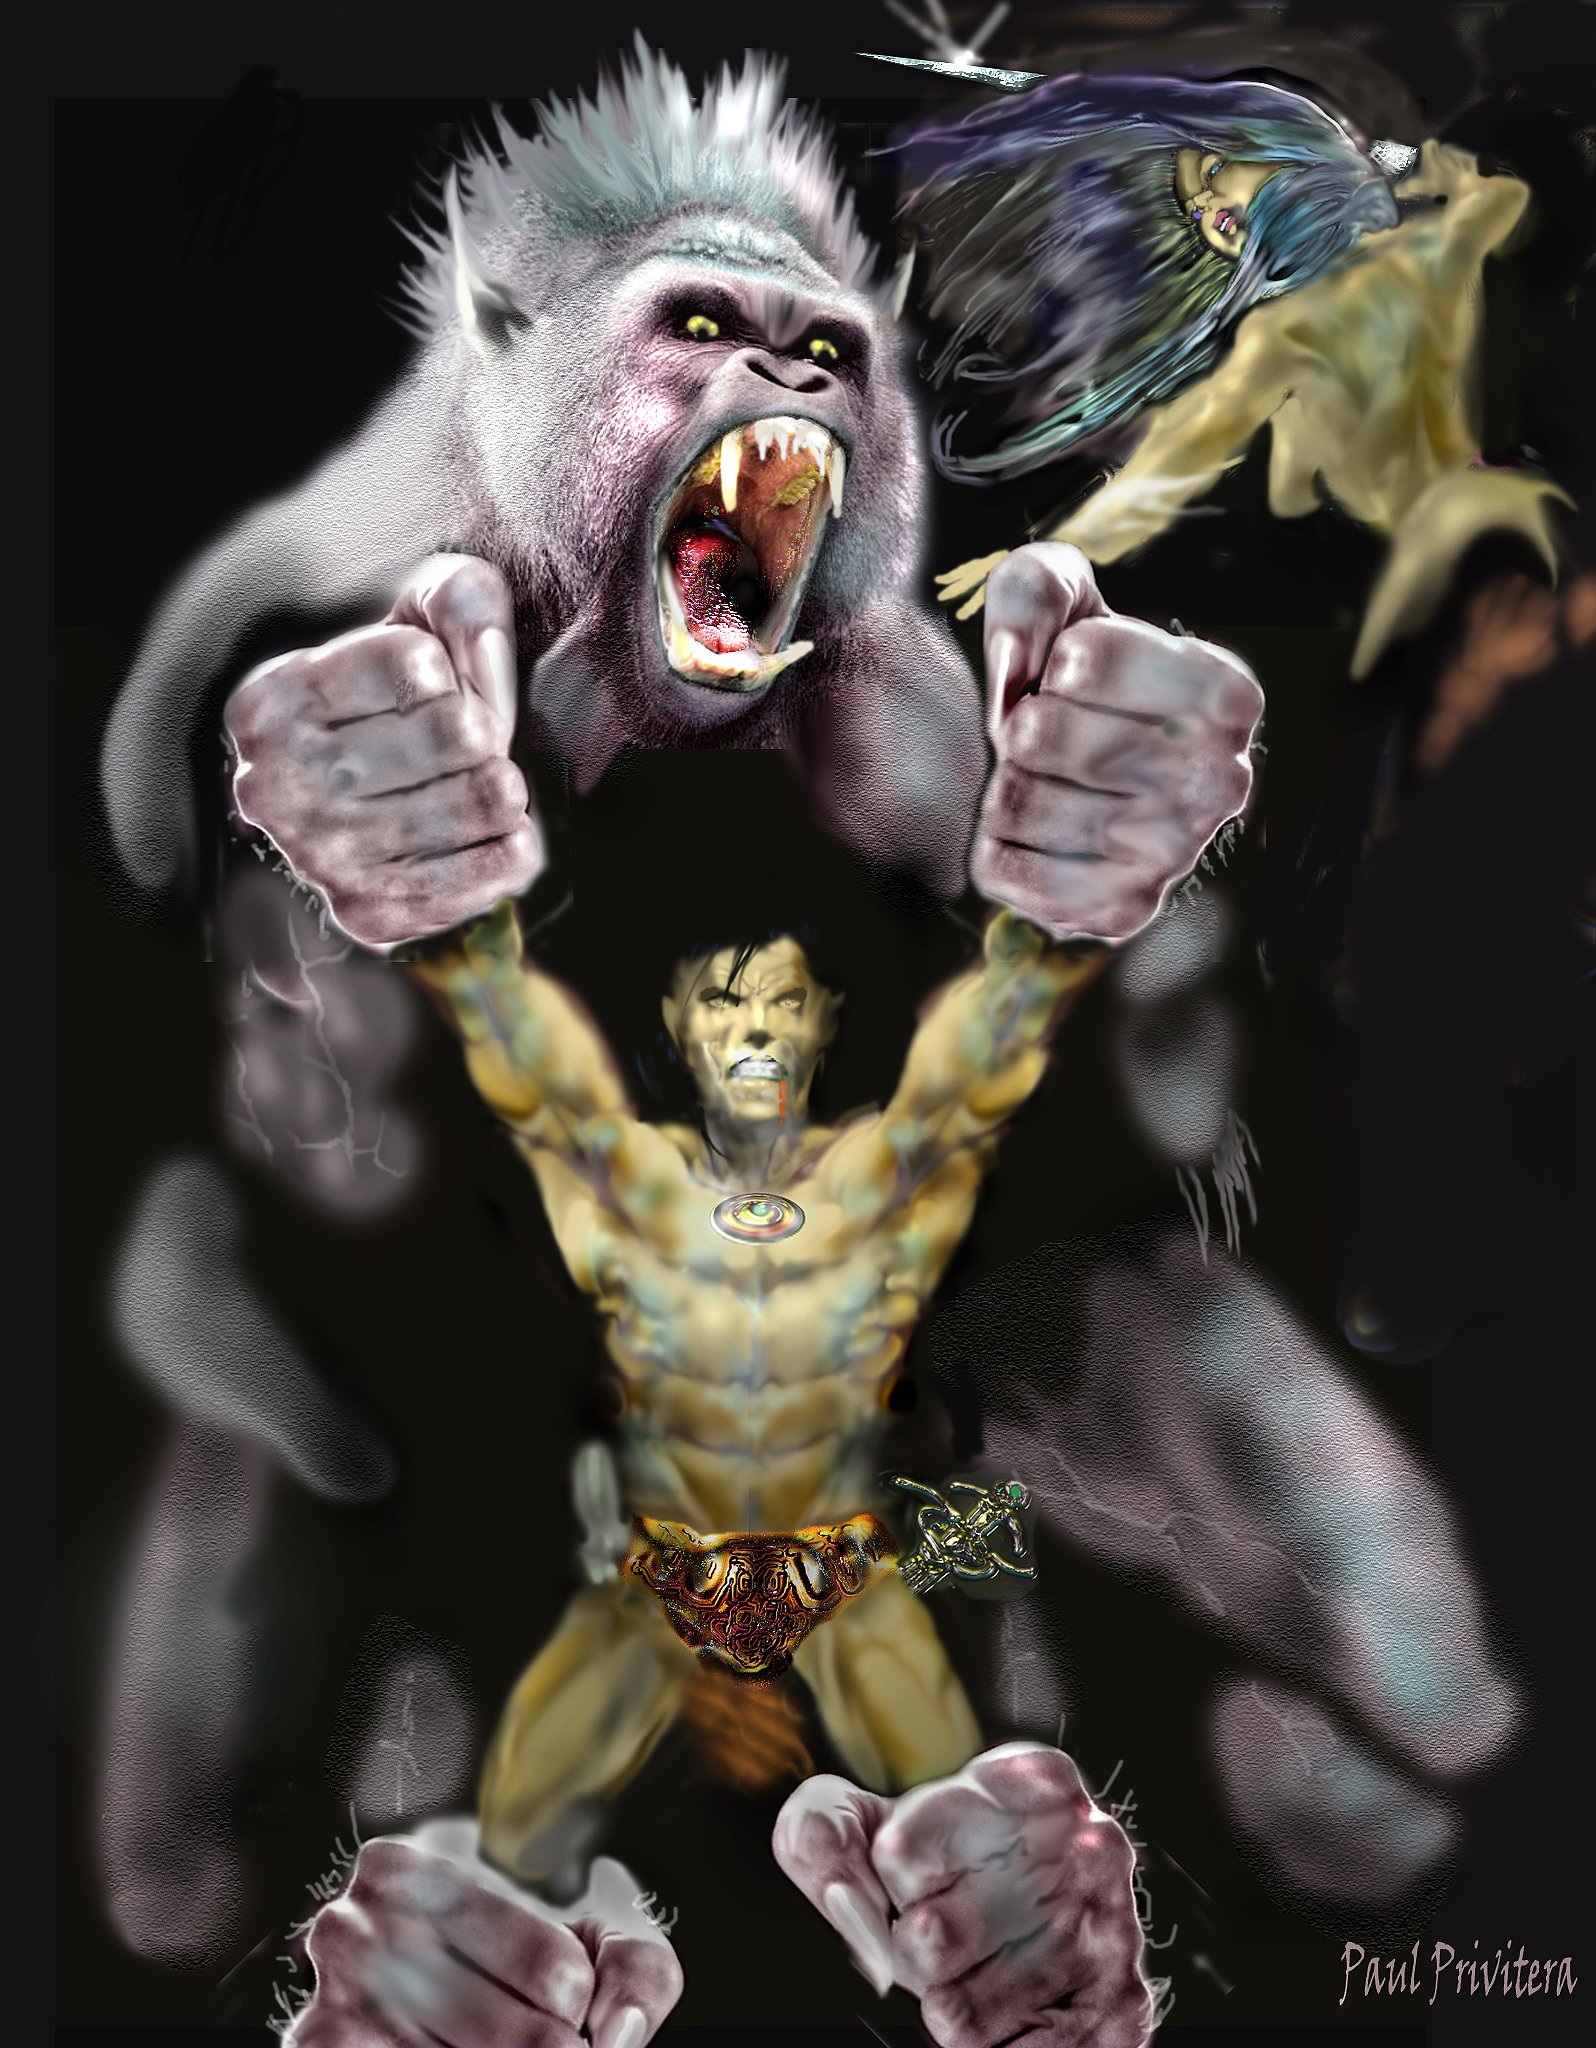 Vita apor får +2 på att greppa. Paul Privitera